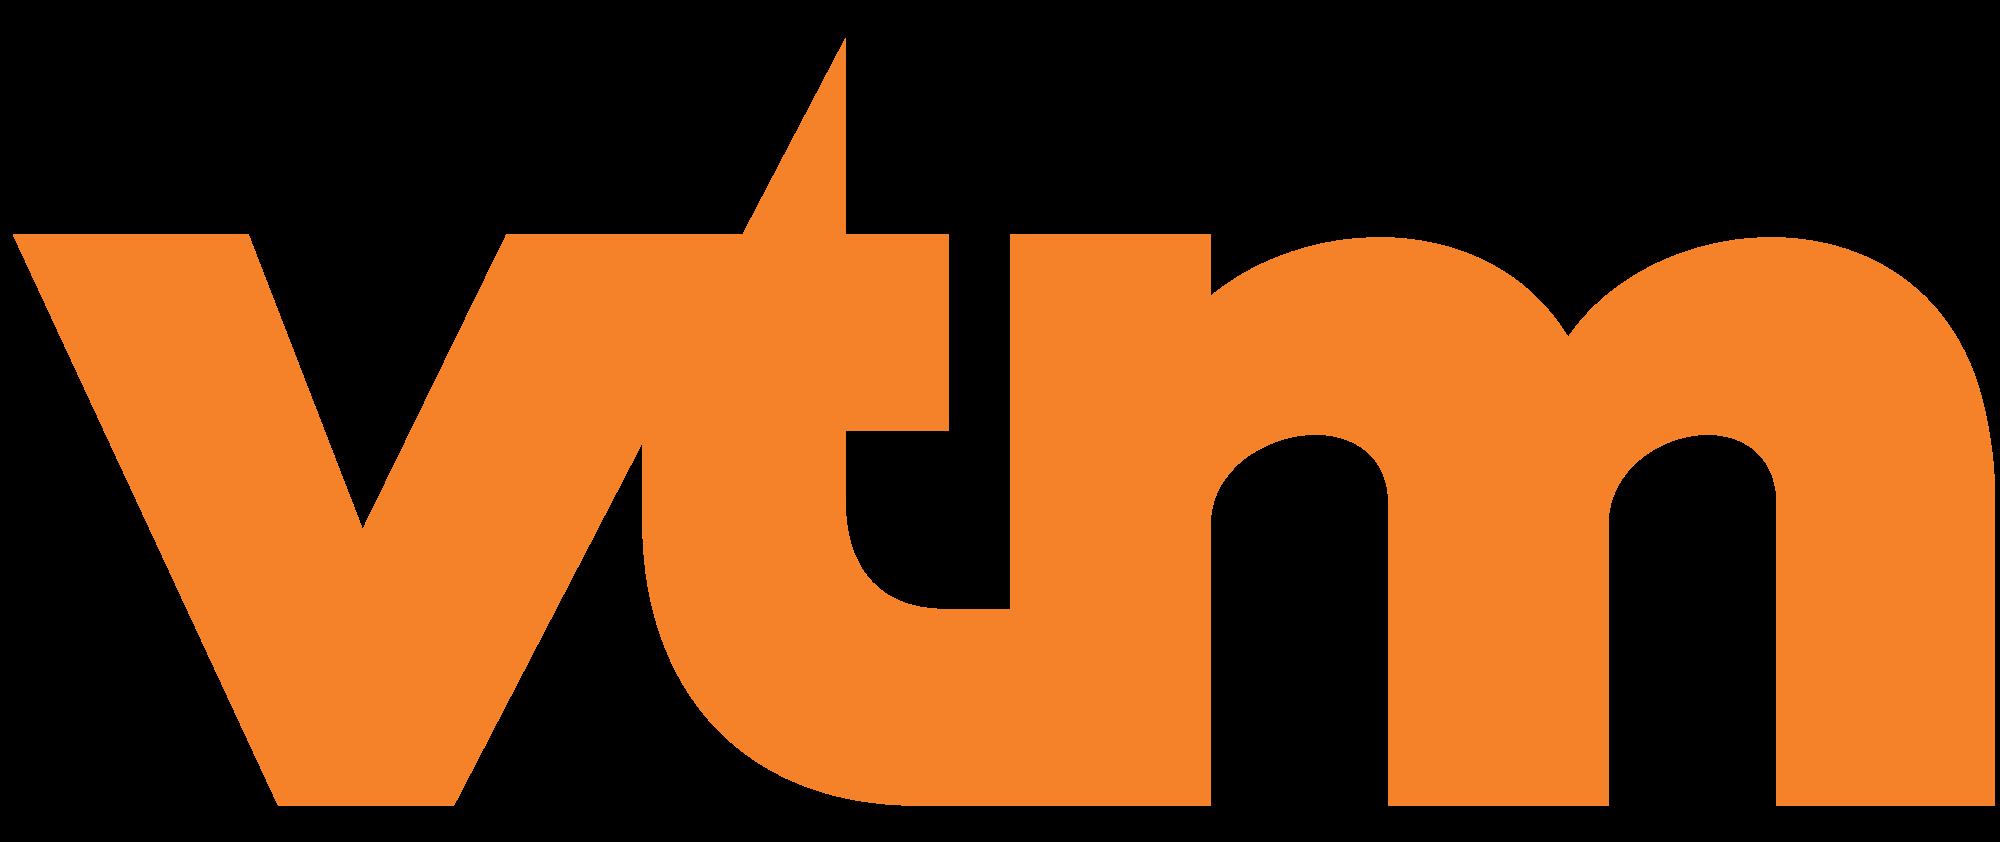 VTM - Belgium